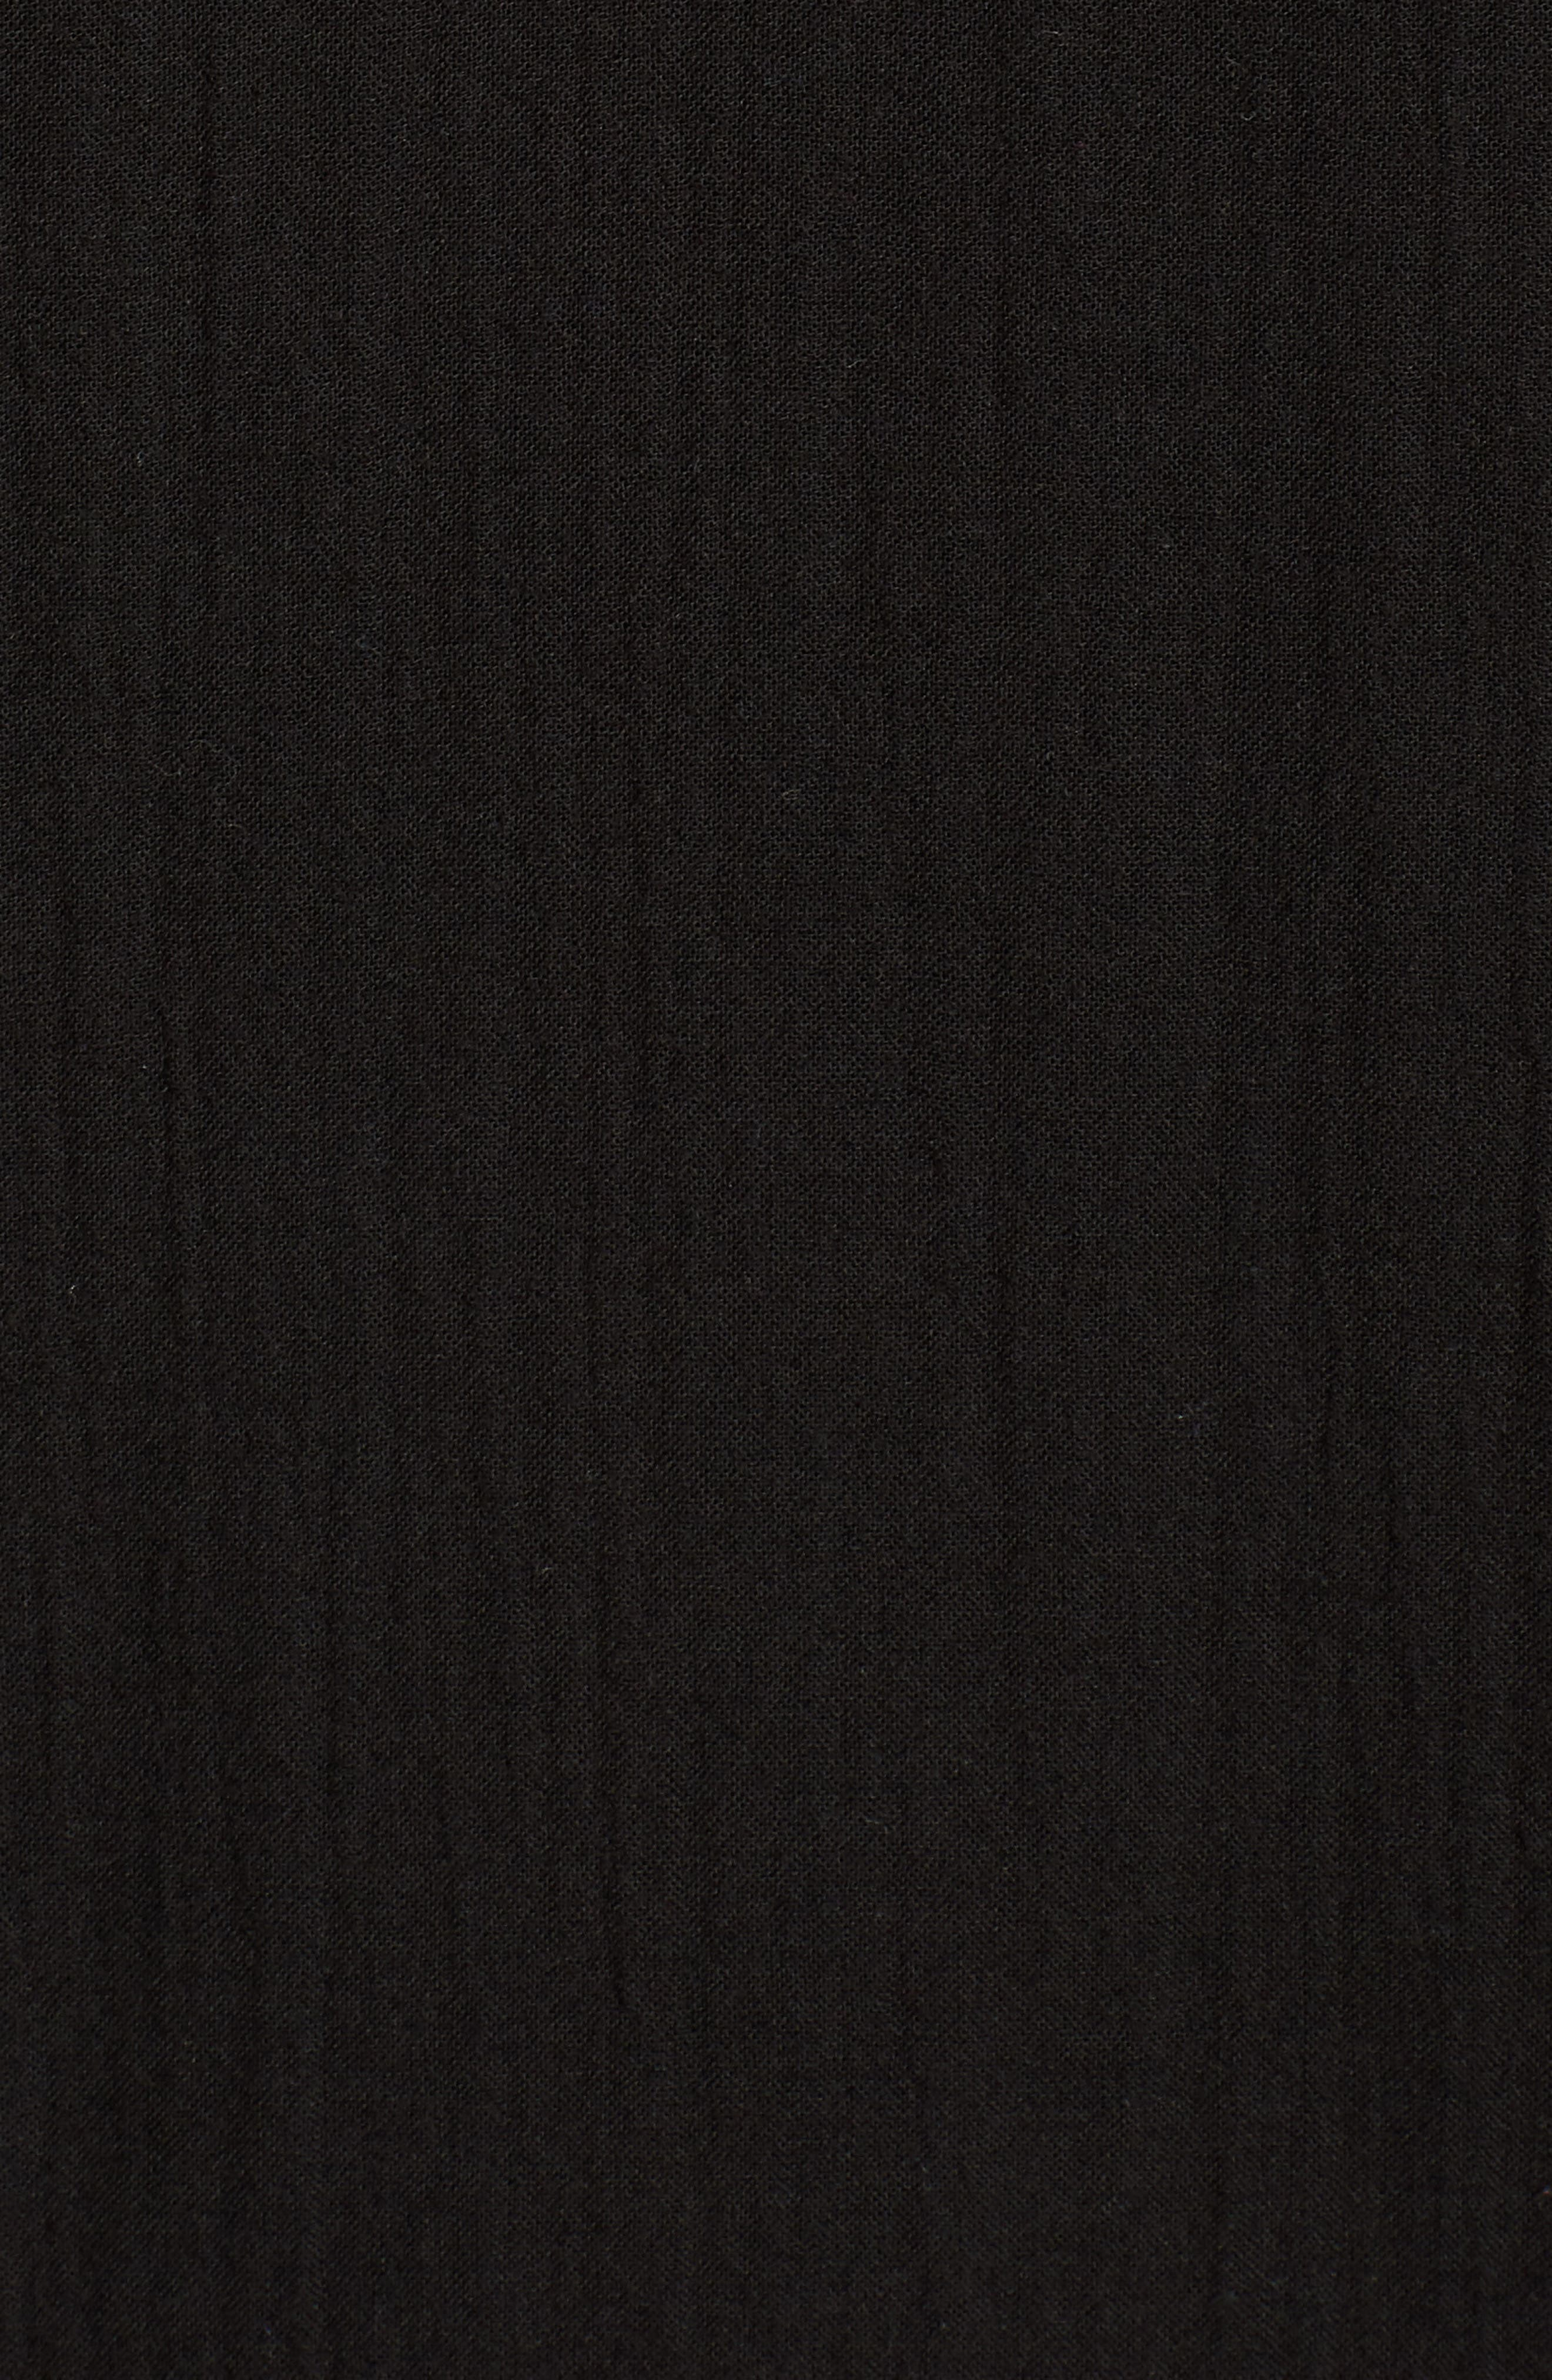 V-Neck Cotton Midi Dress,                             Alternate thumbnail 6, color,                             001